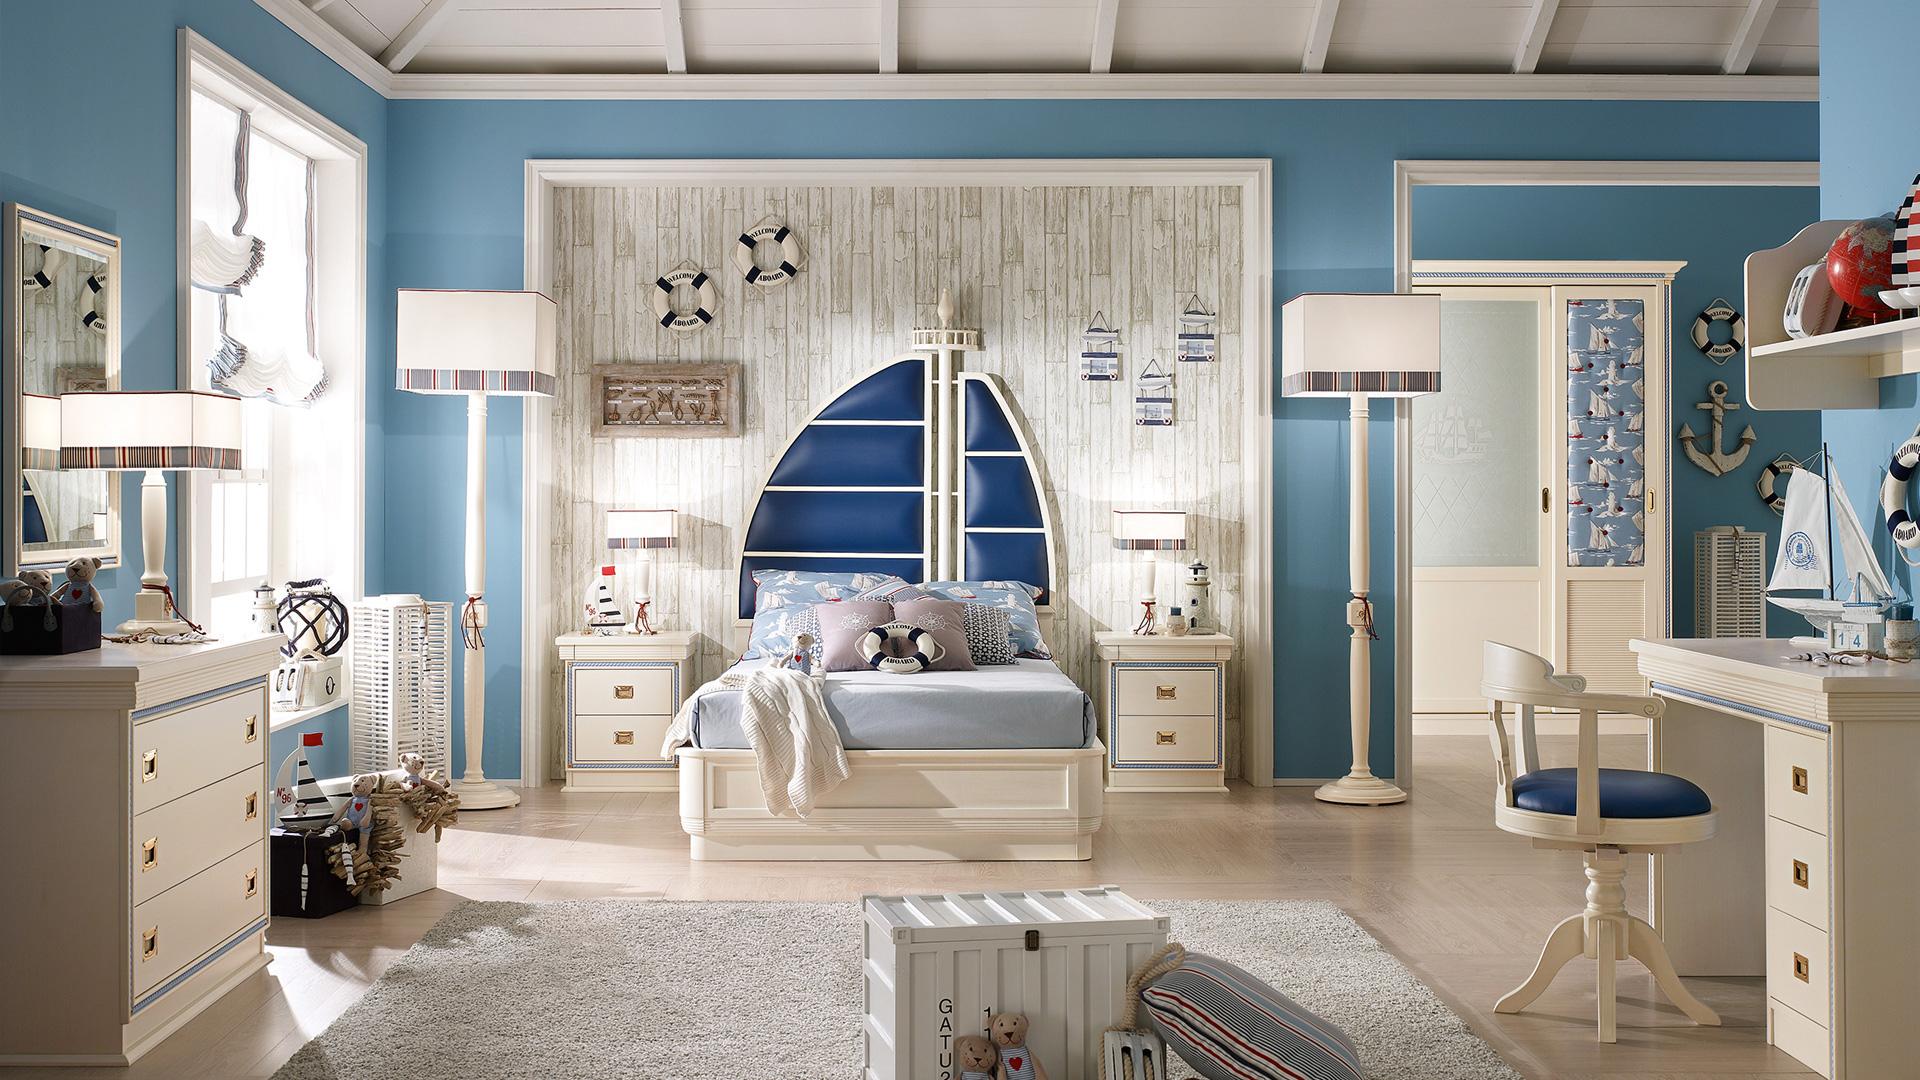 Nuovarredo camere da letto prezzi - Camere da letto ikea prezzi ...